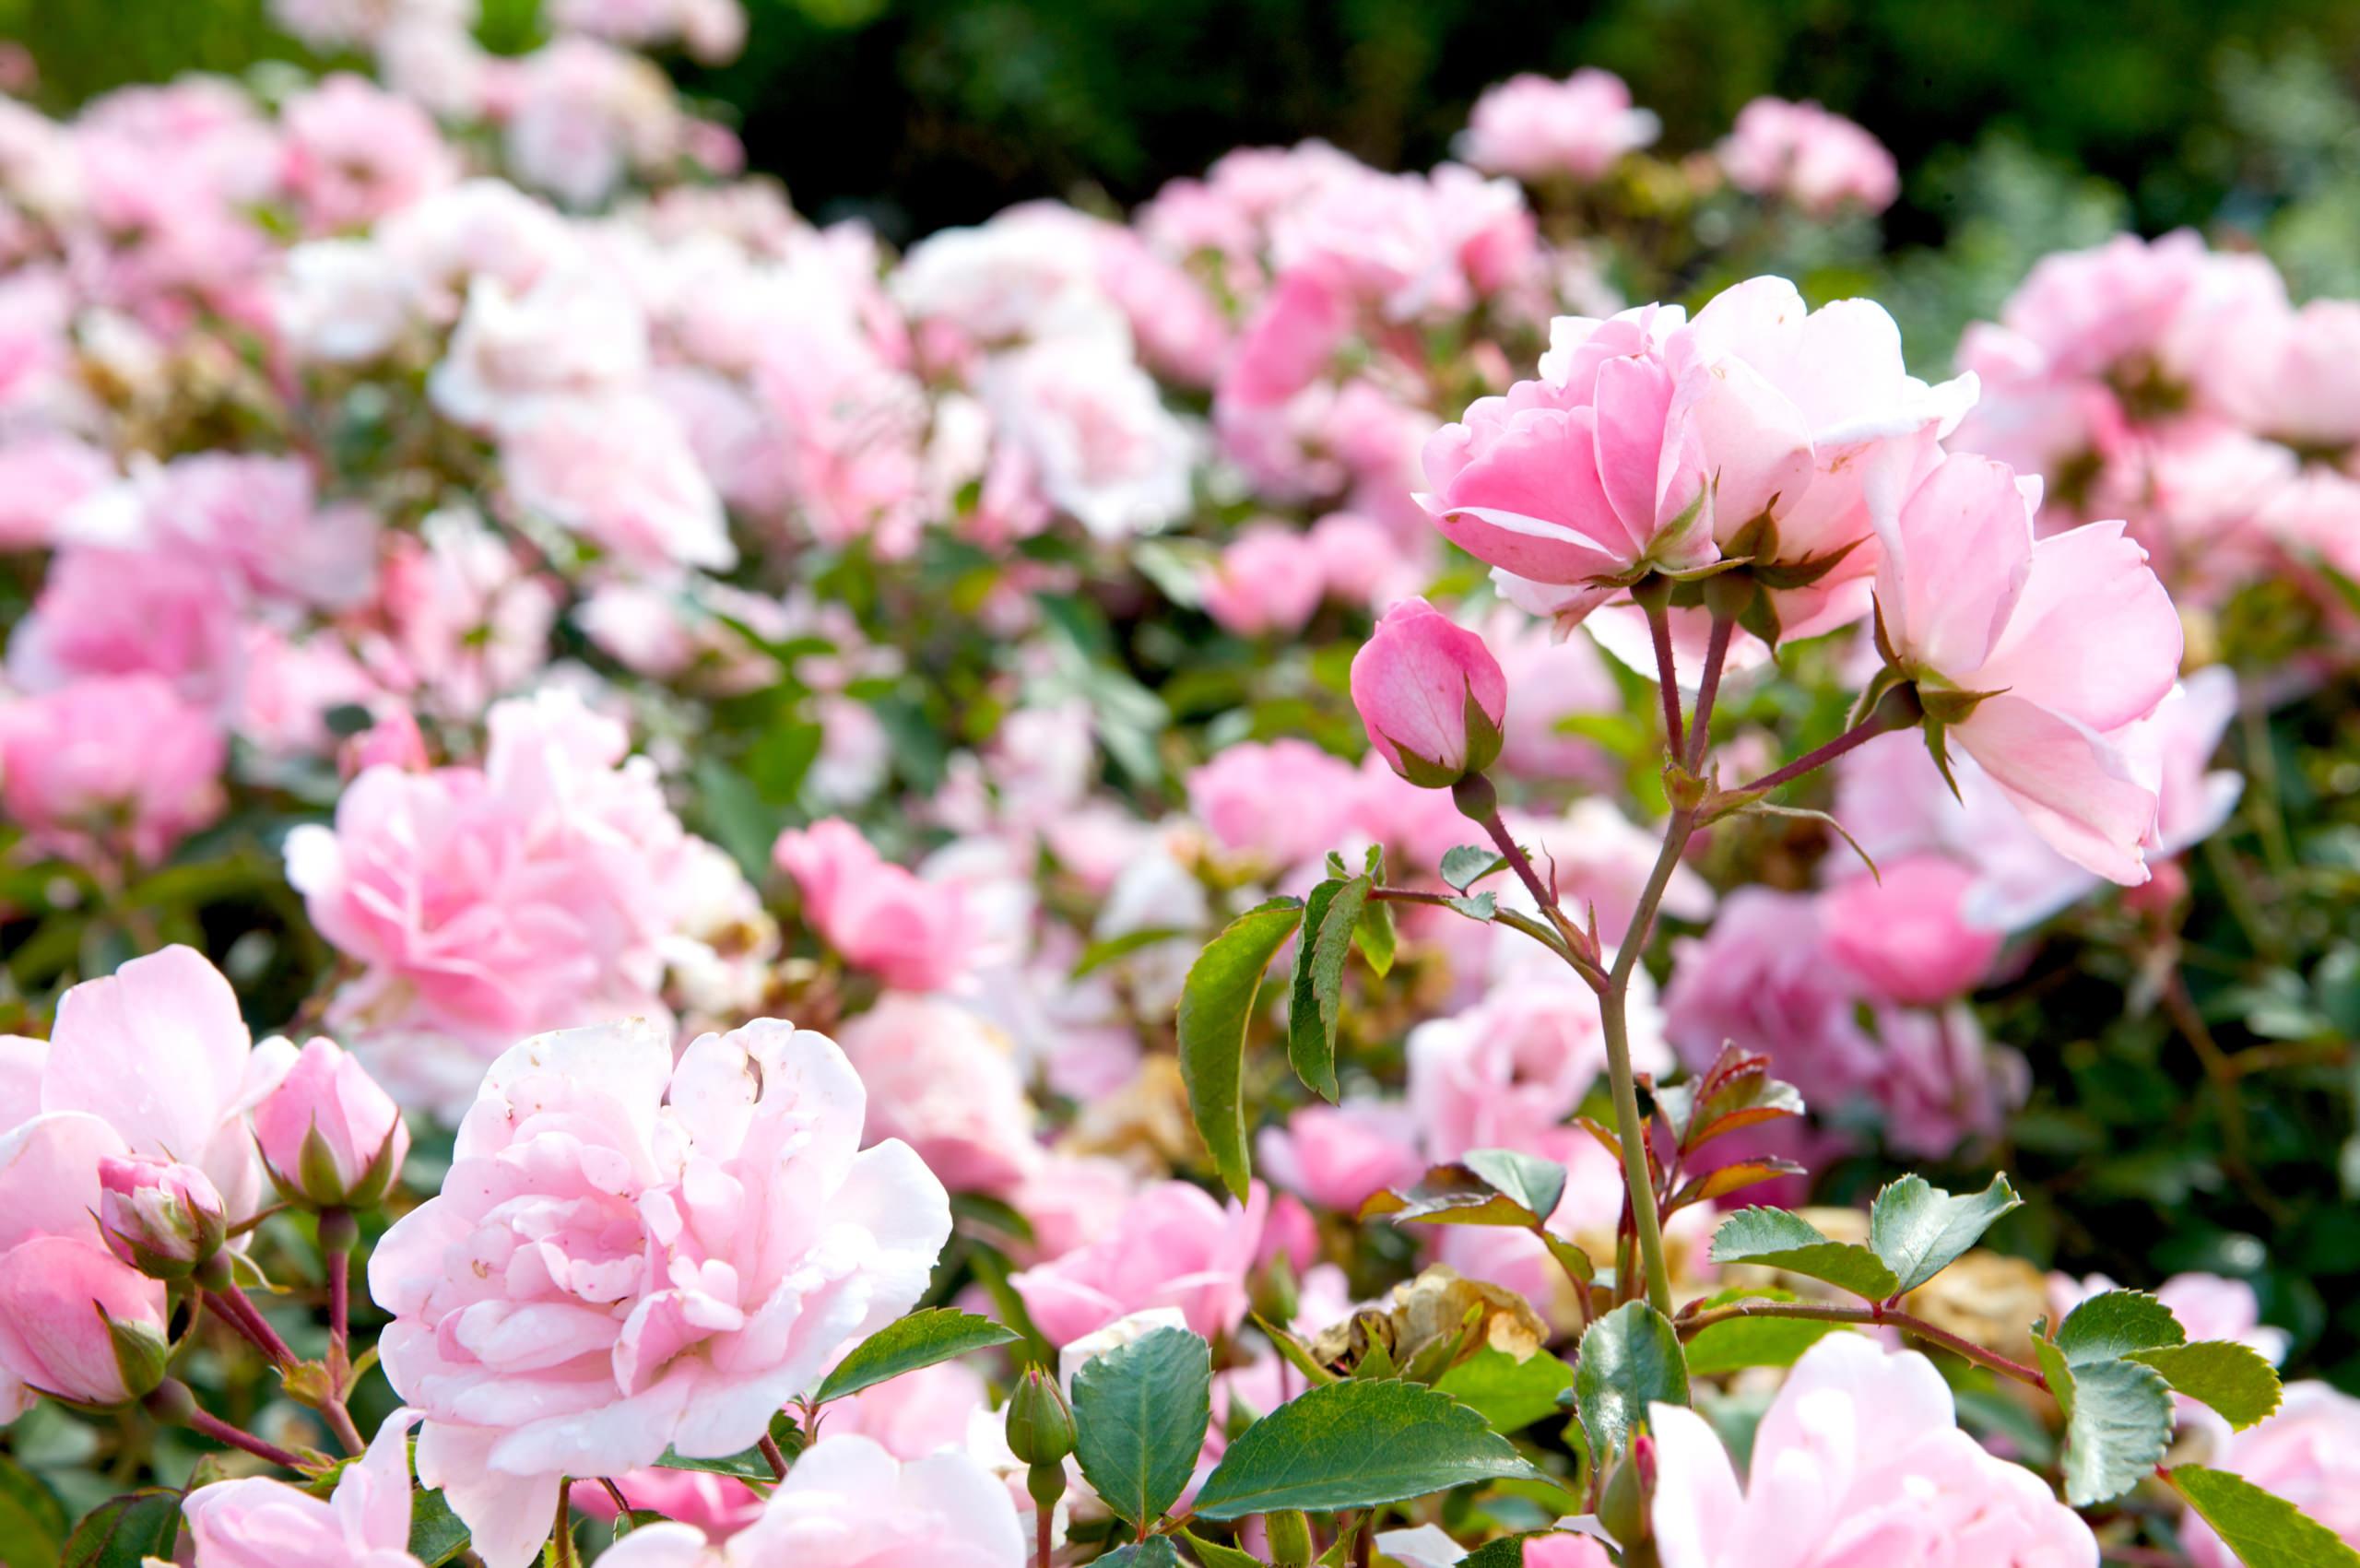 Strauch heimischer altroter Rosen aus dem Sortiment der Manz Gartenwelt in Stühlingen-Schwerzen am Hochrhein.